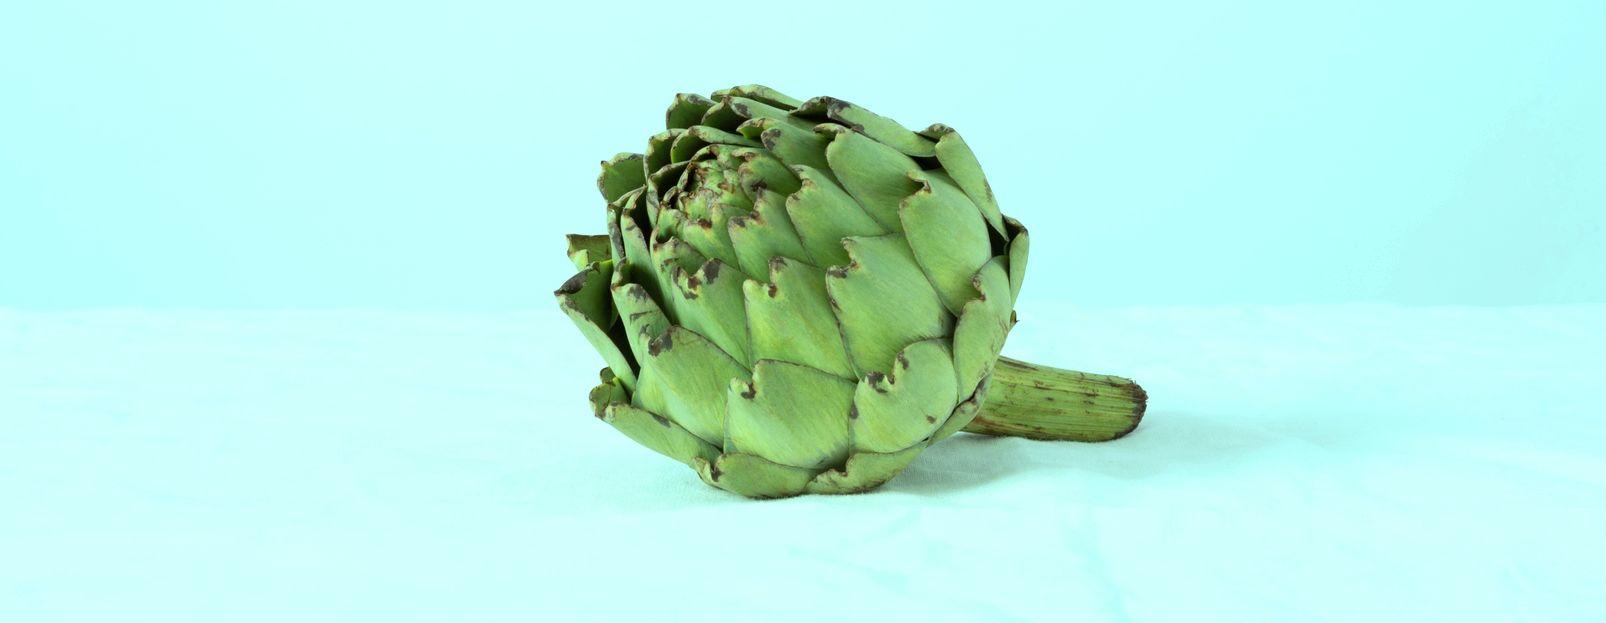 8 beneficios de la alcachofa para la salud - Featured image